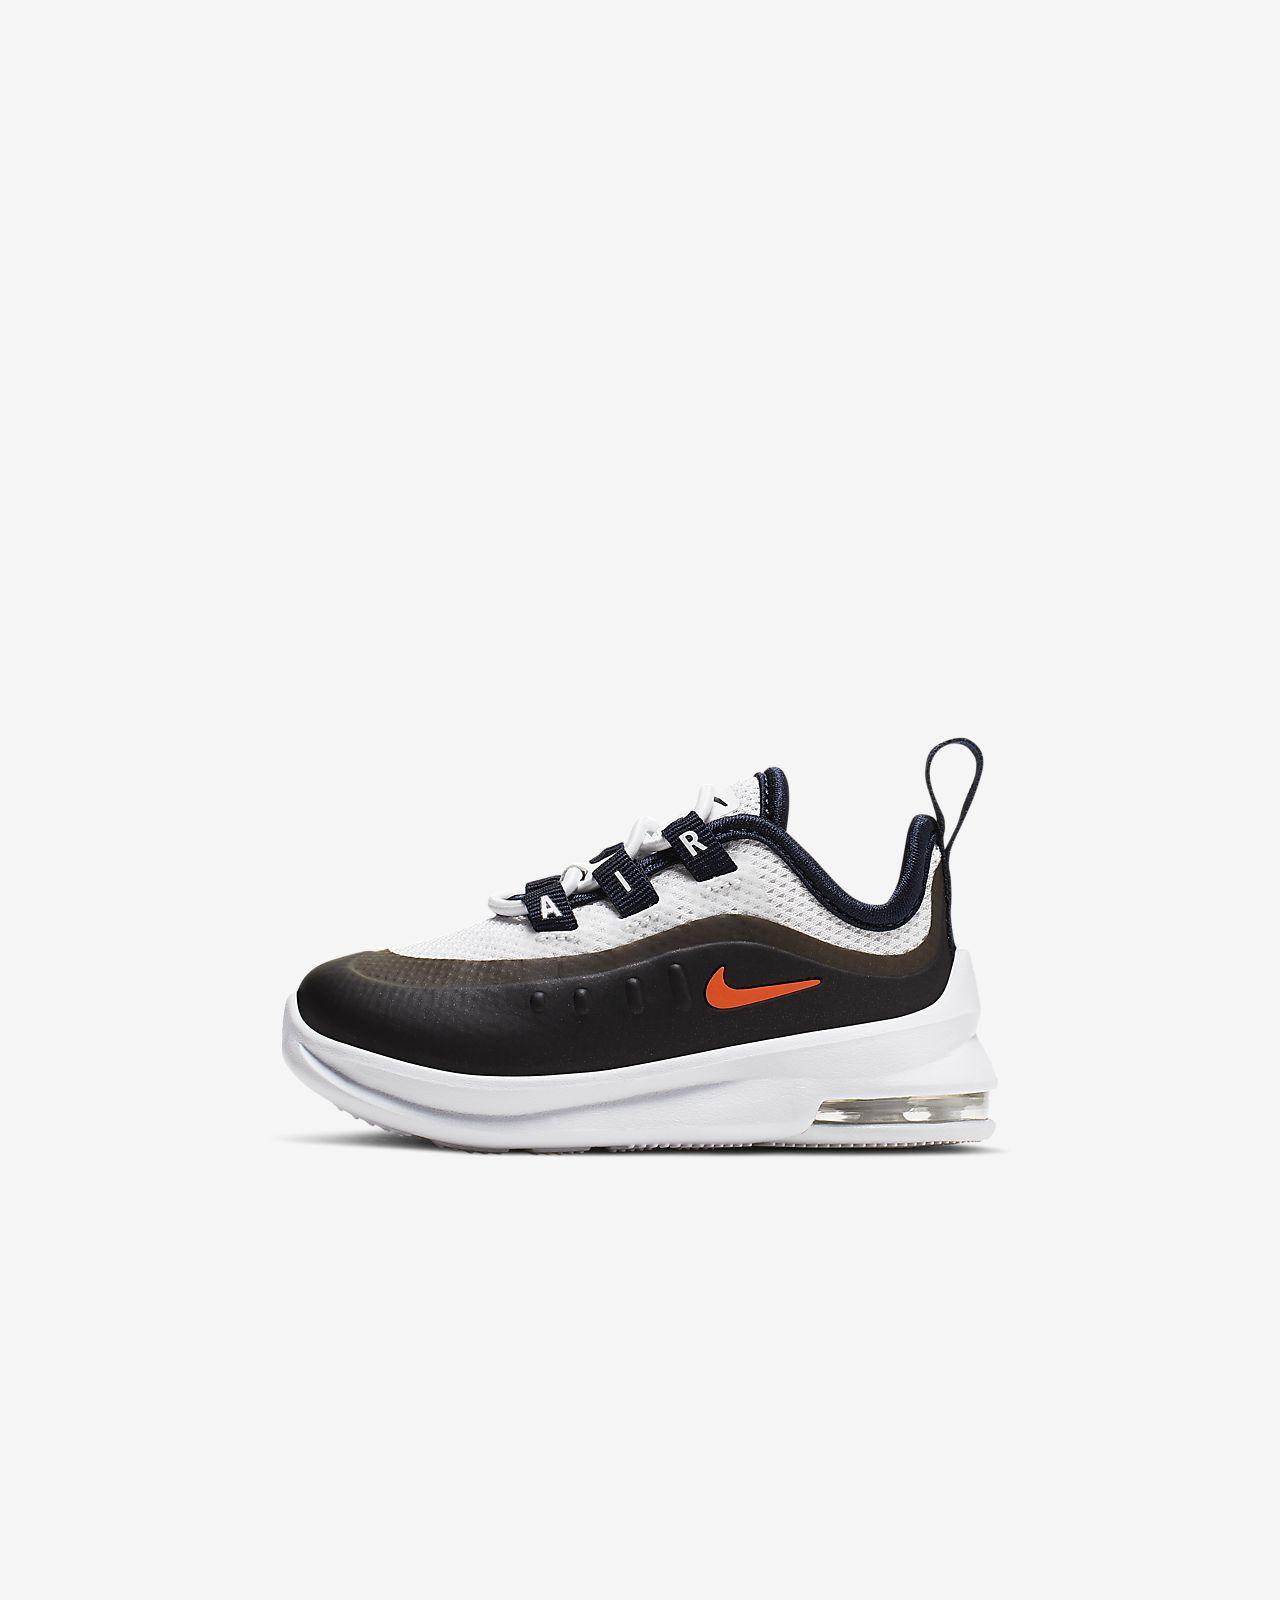 Παπούτσι Nike Air Max Axis για βρέφη και νήπια